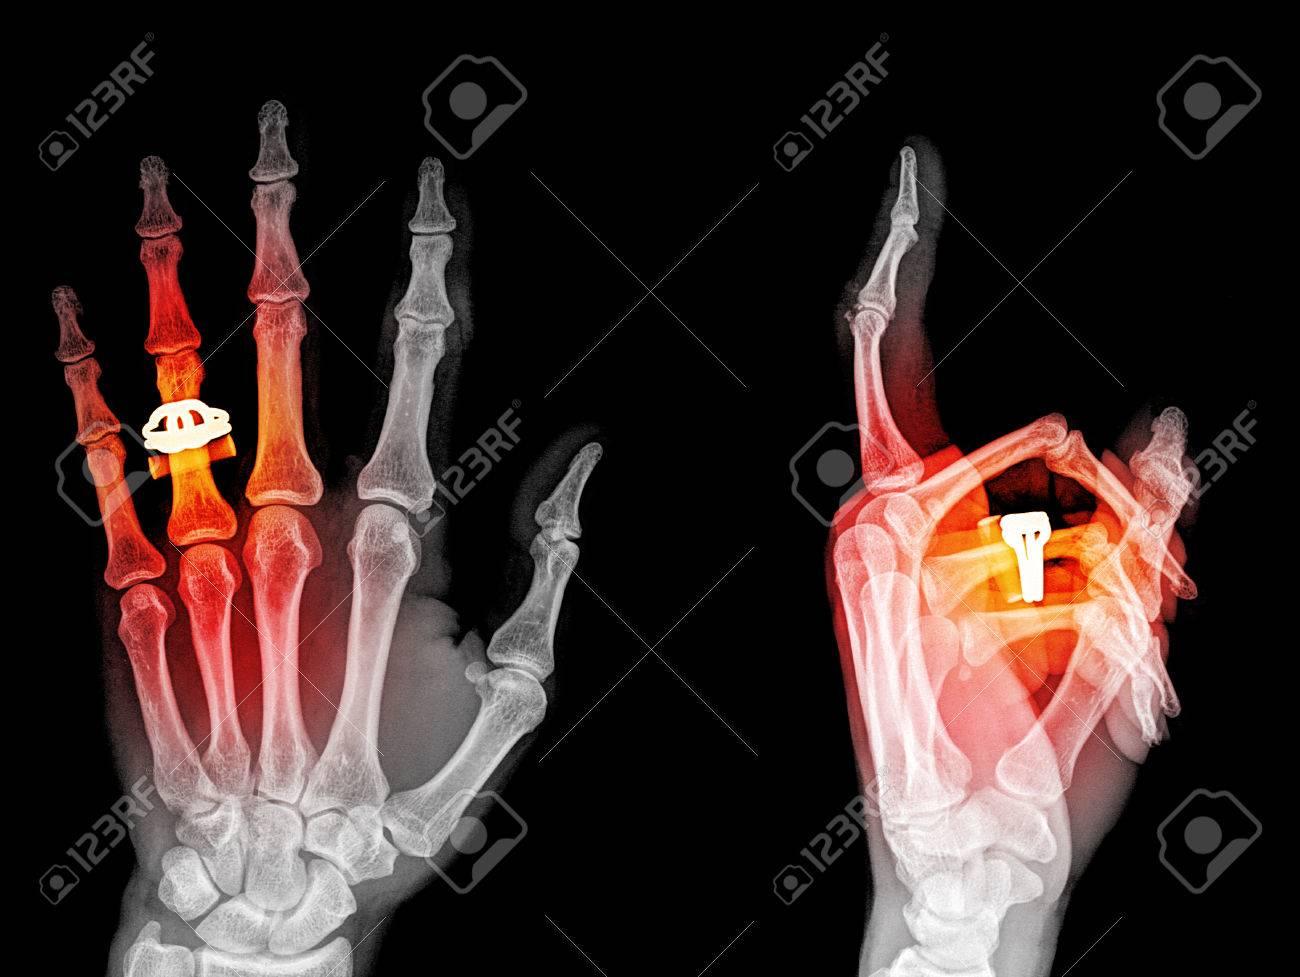 Hand Xray Anatomy Images - human body anatomy